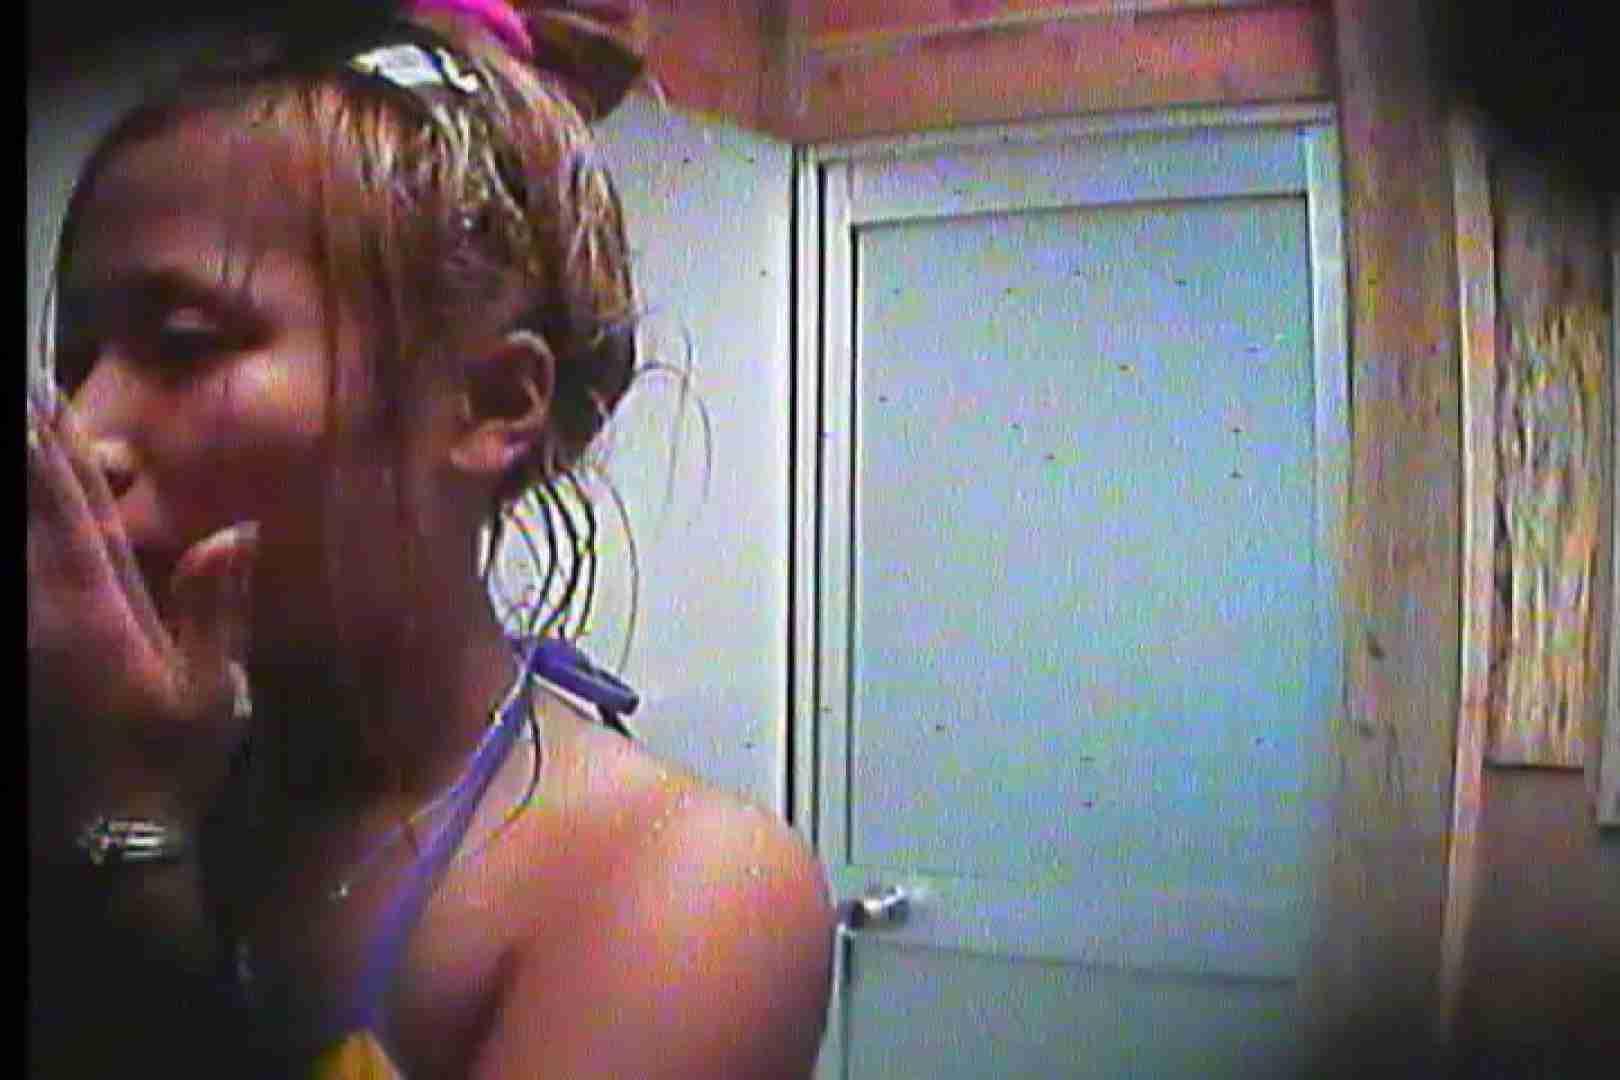 海の家の更衣室 Vol.20 シャワー エロ画像 107画像 62